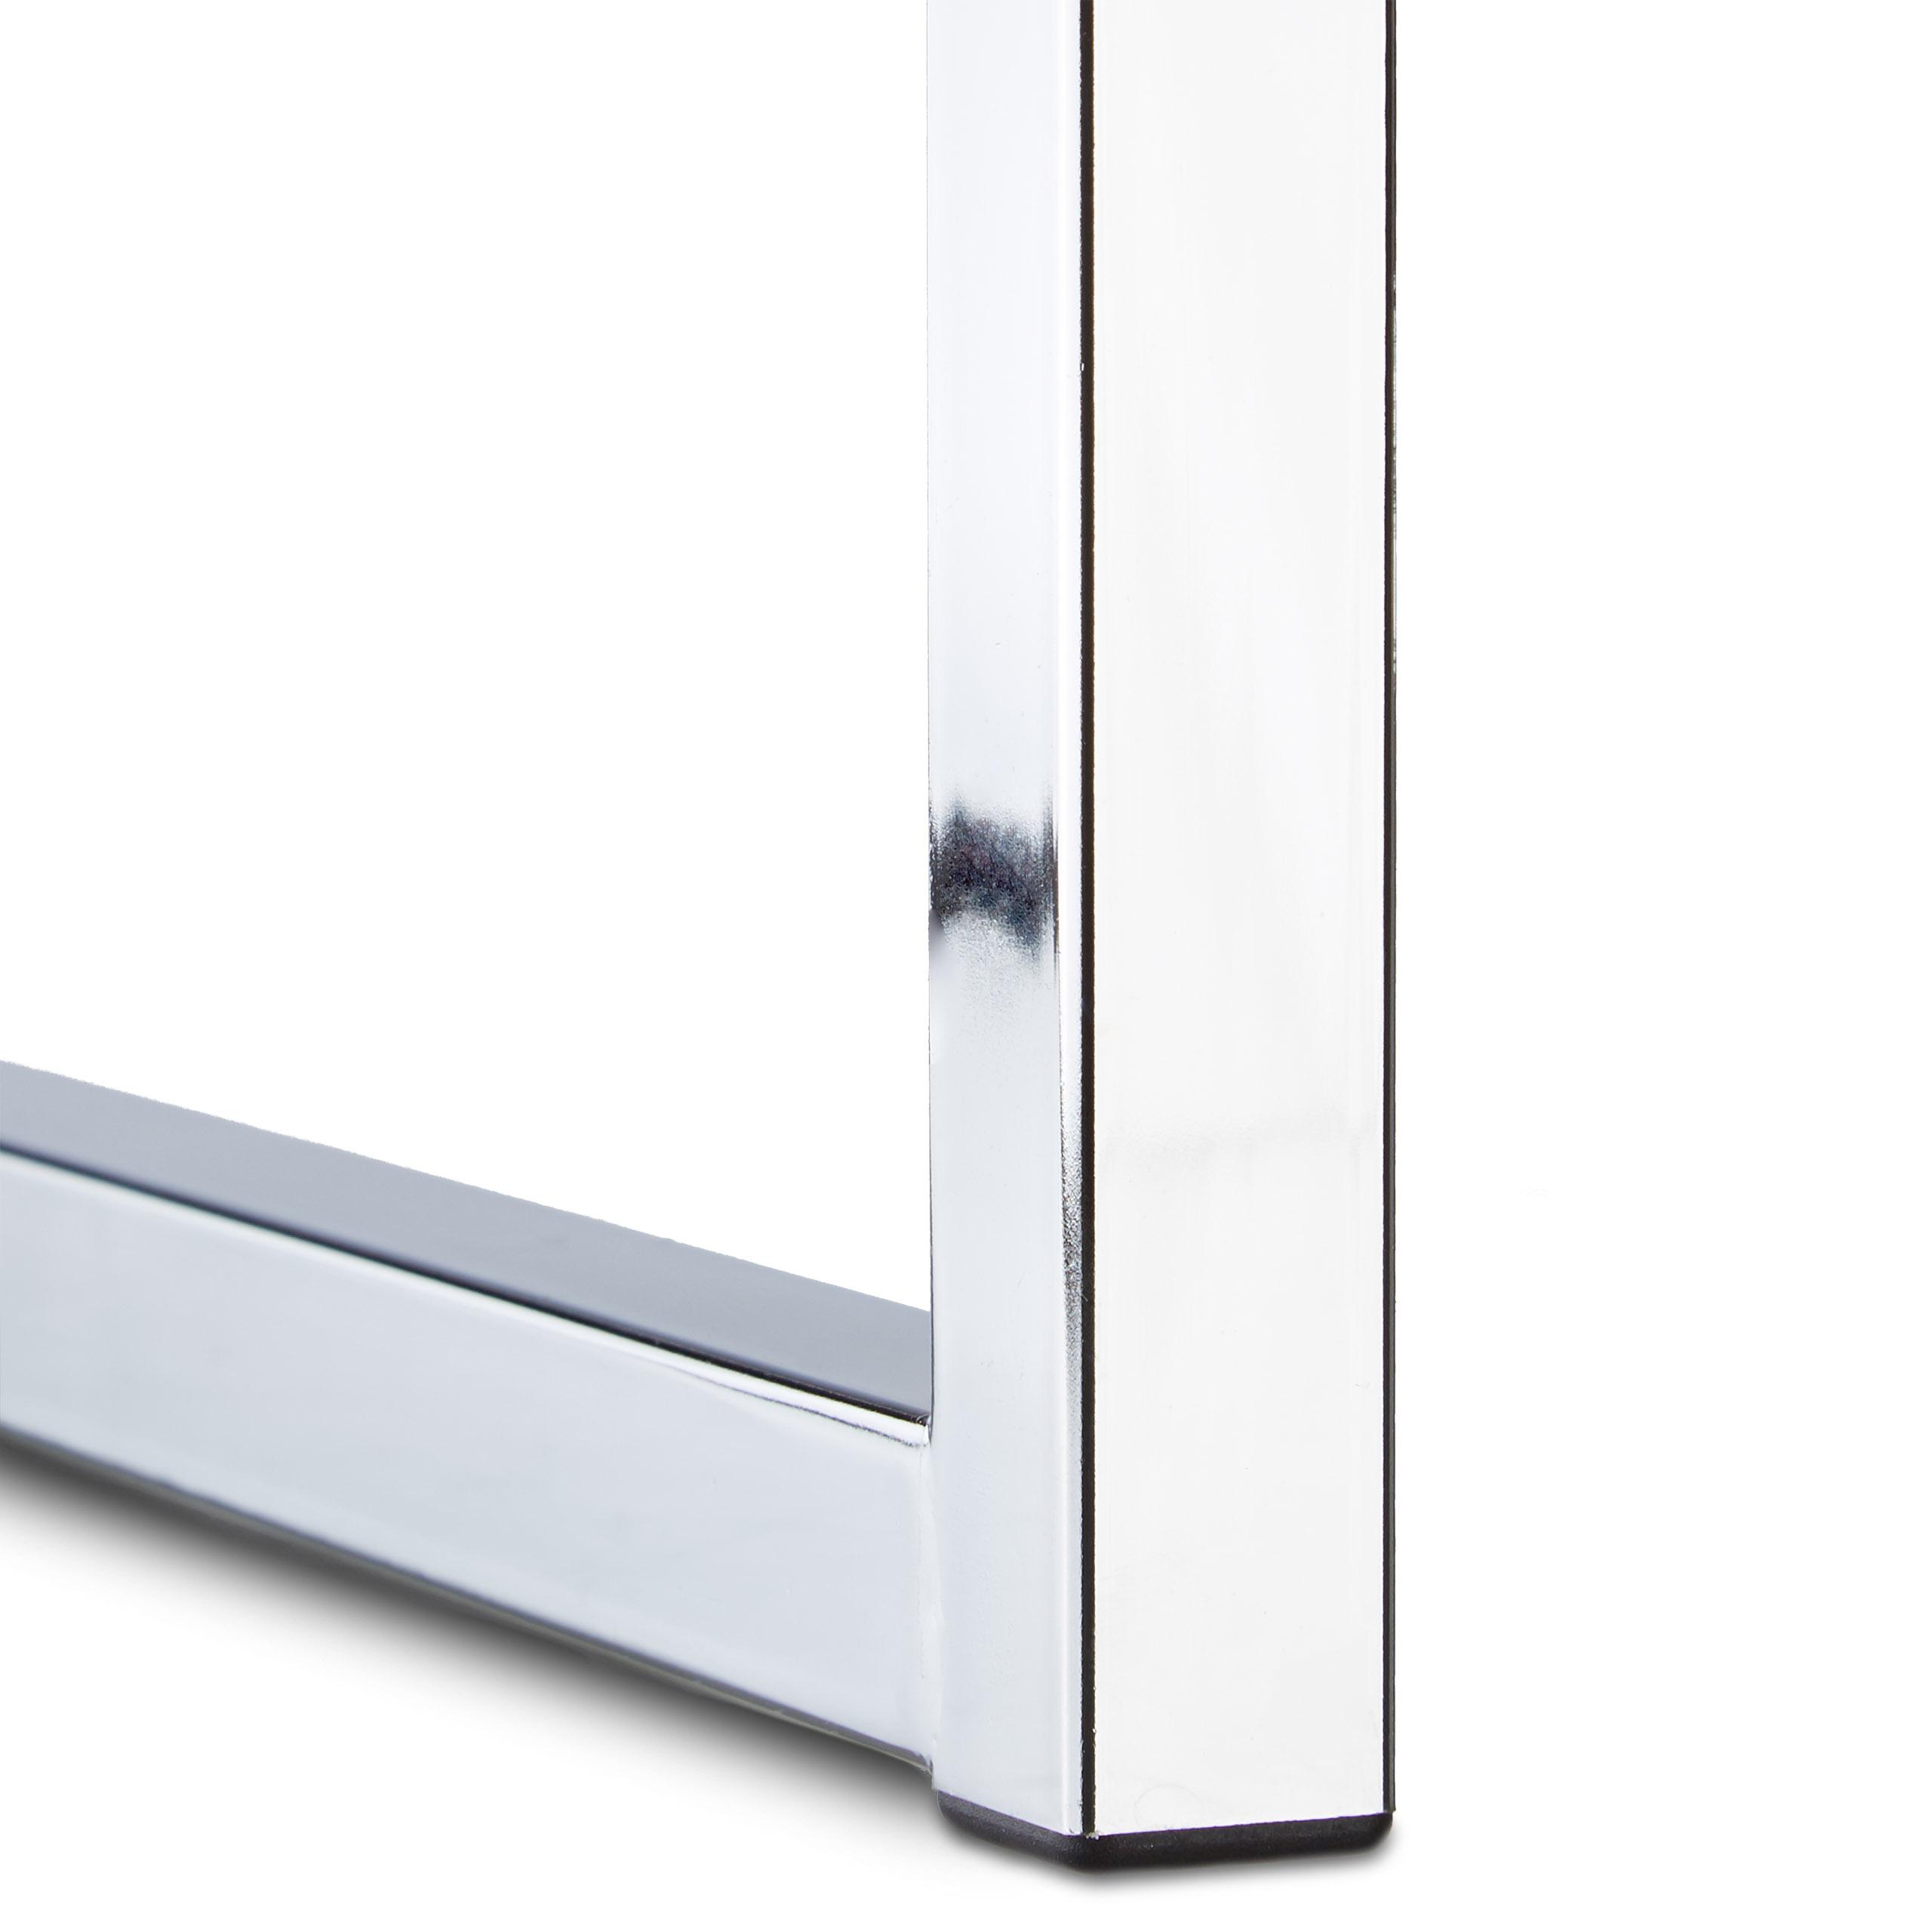 Couchtisch-Lift-Sofatisch-Hebefunktion-Wohnzimmertisch-Designtisch-Stauraum Indexbild 6